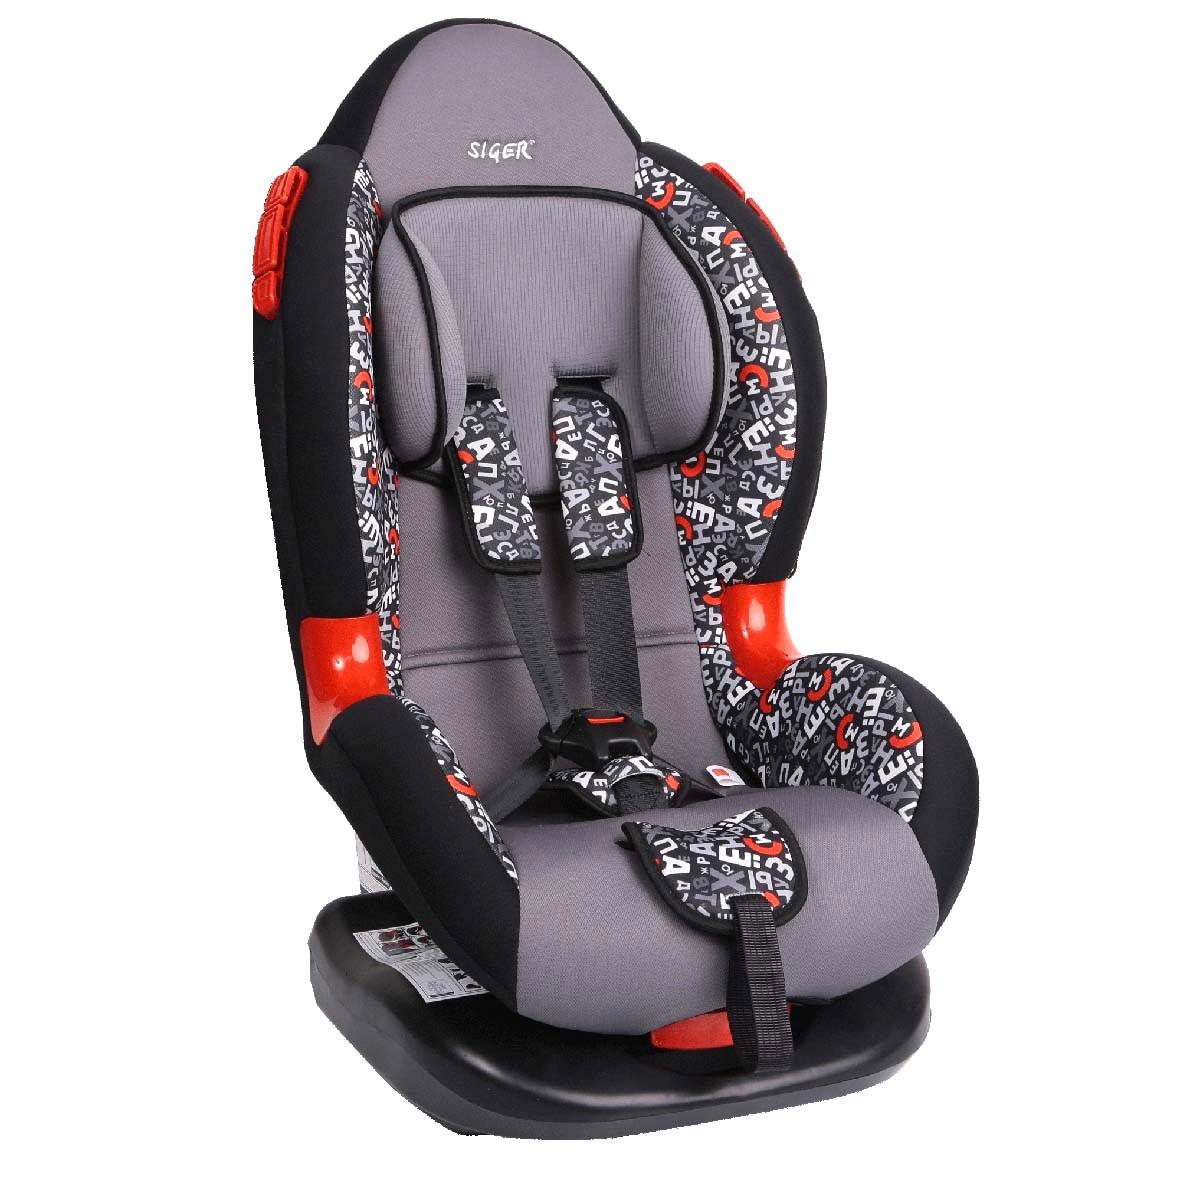 Купить Кресло детское автомобильное Siger Кокон kres0289